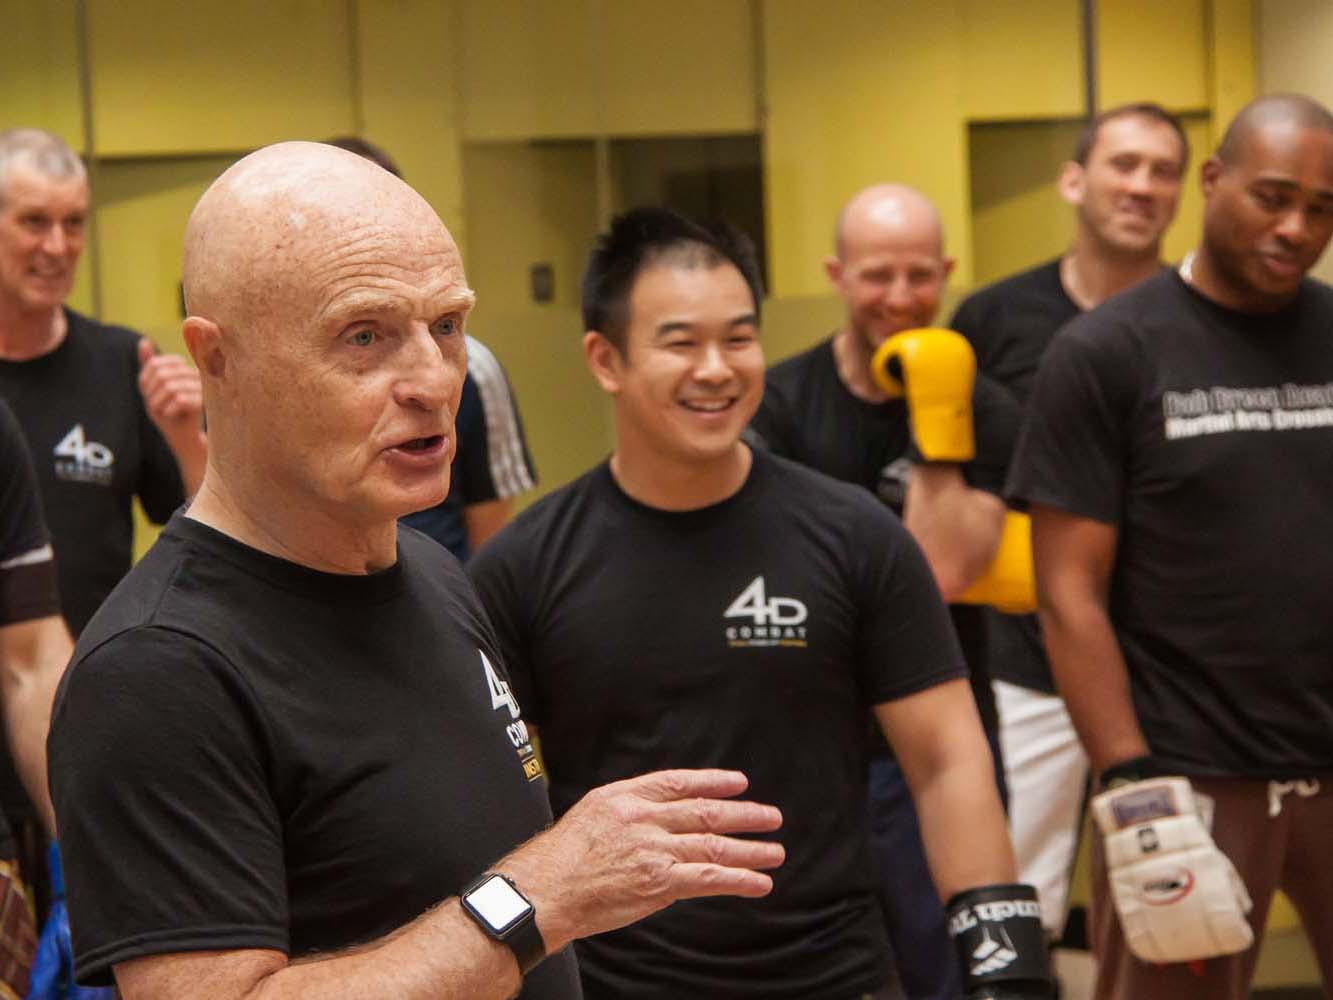 Bob Breen at a 4D Combat seminar